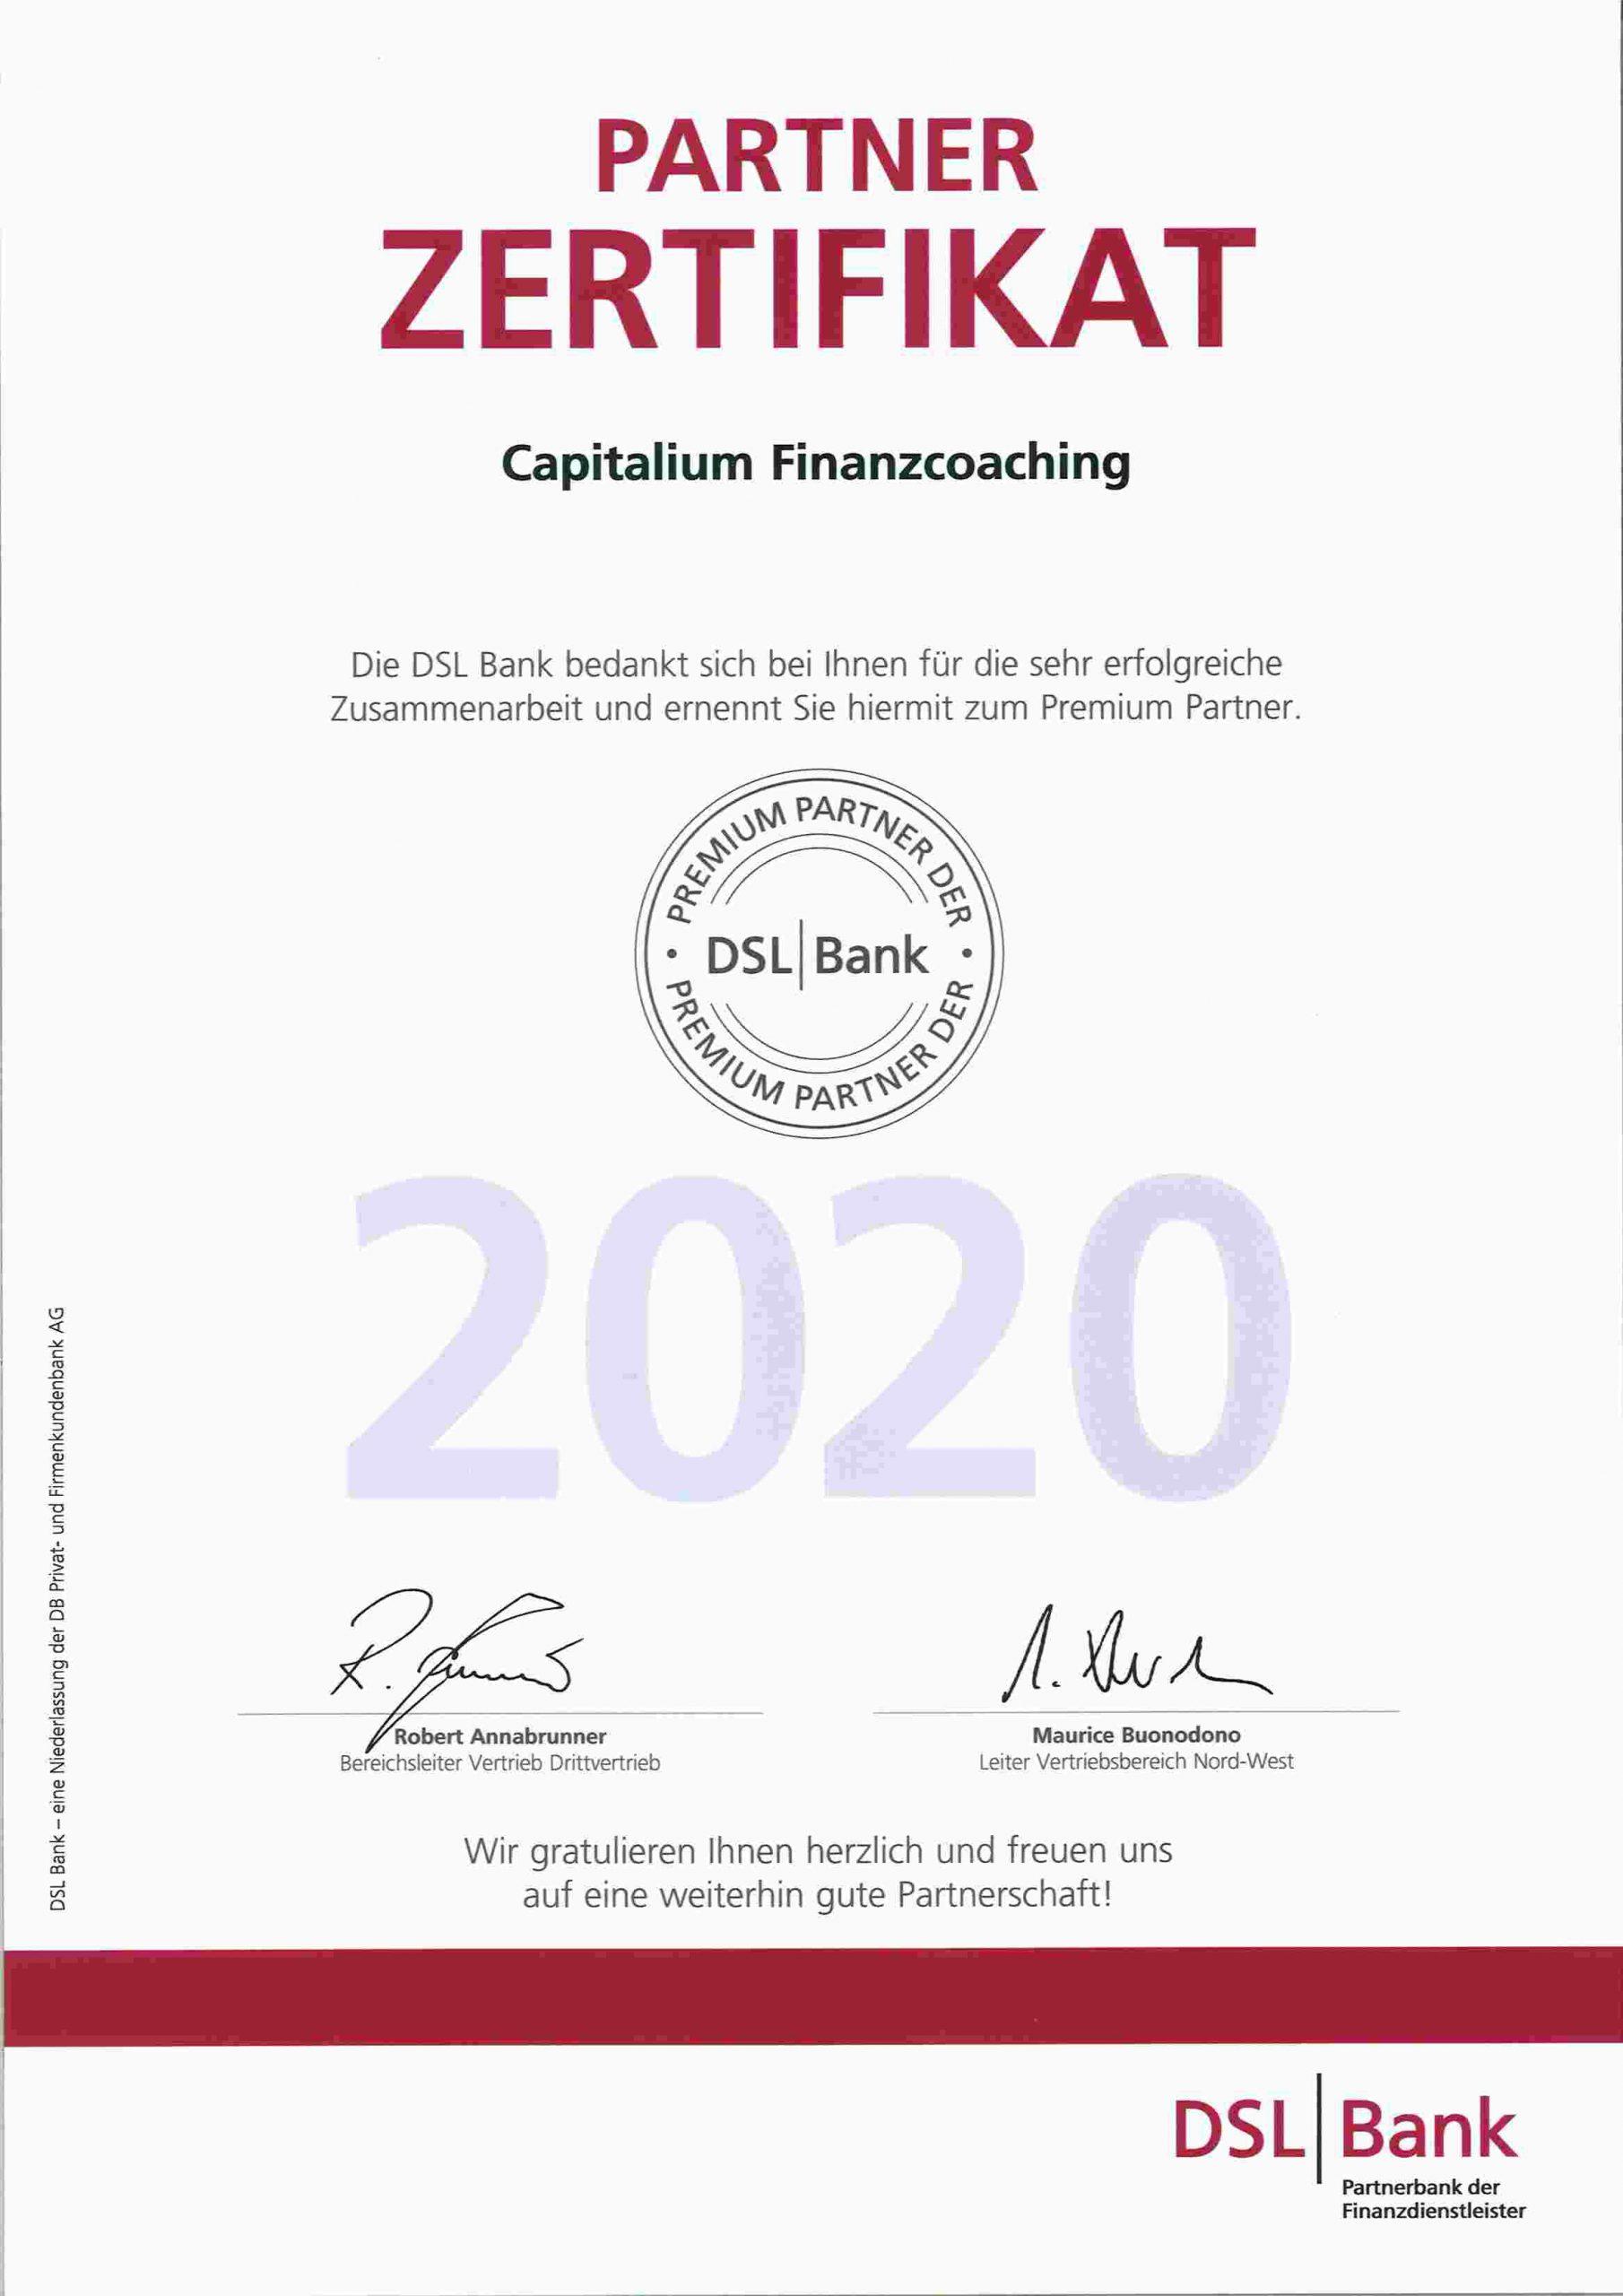 DSL Premium Partner 2020 Capitalium Finanzcoaching Baufinanzierung Hamburg Kredit Immobilienkauf Hilfe Unterstützung